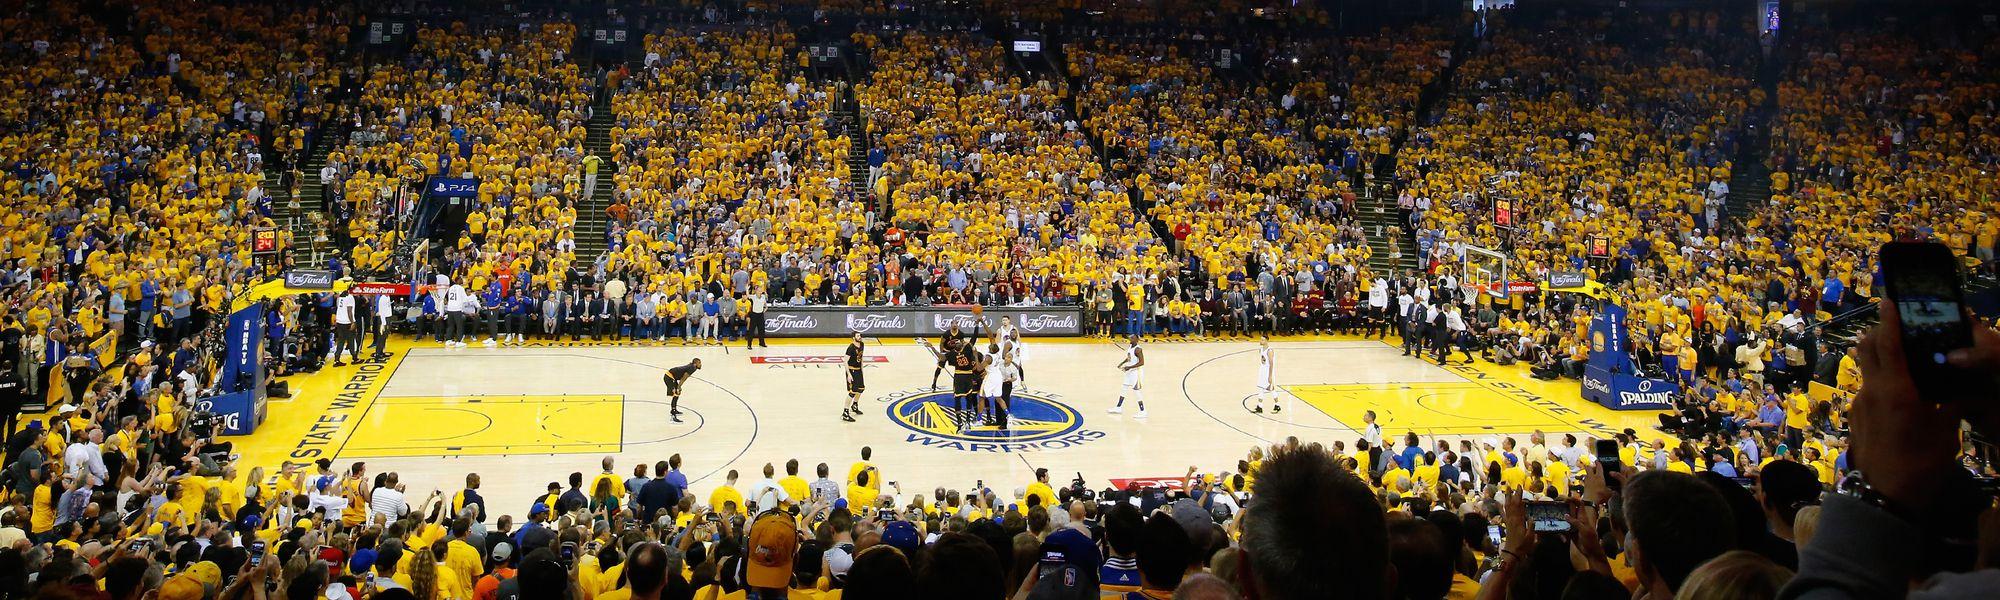 2016 NBA Finals panorama photos - Polygon